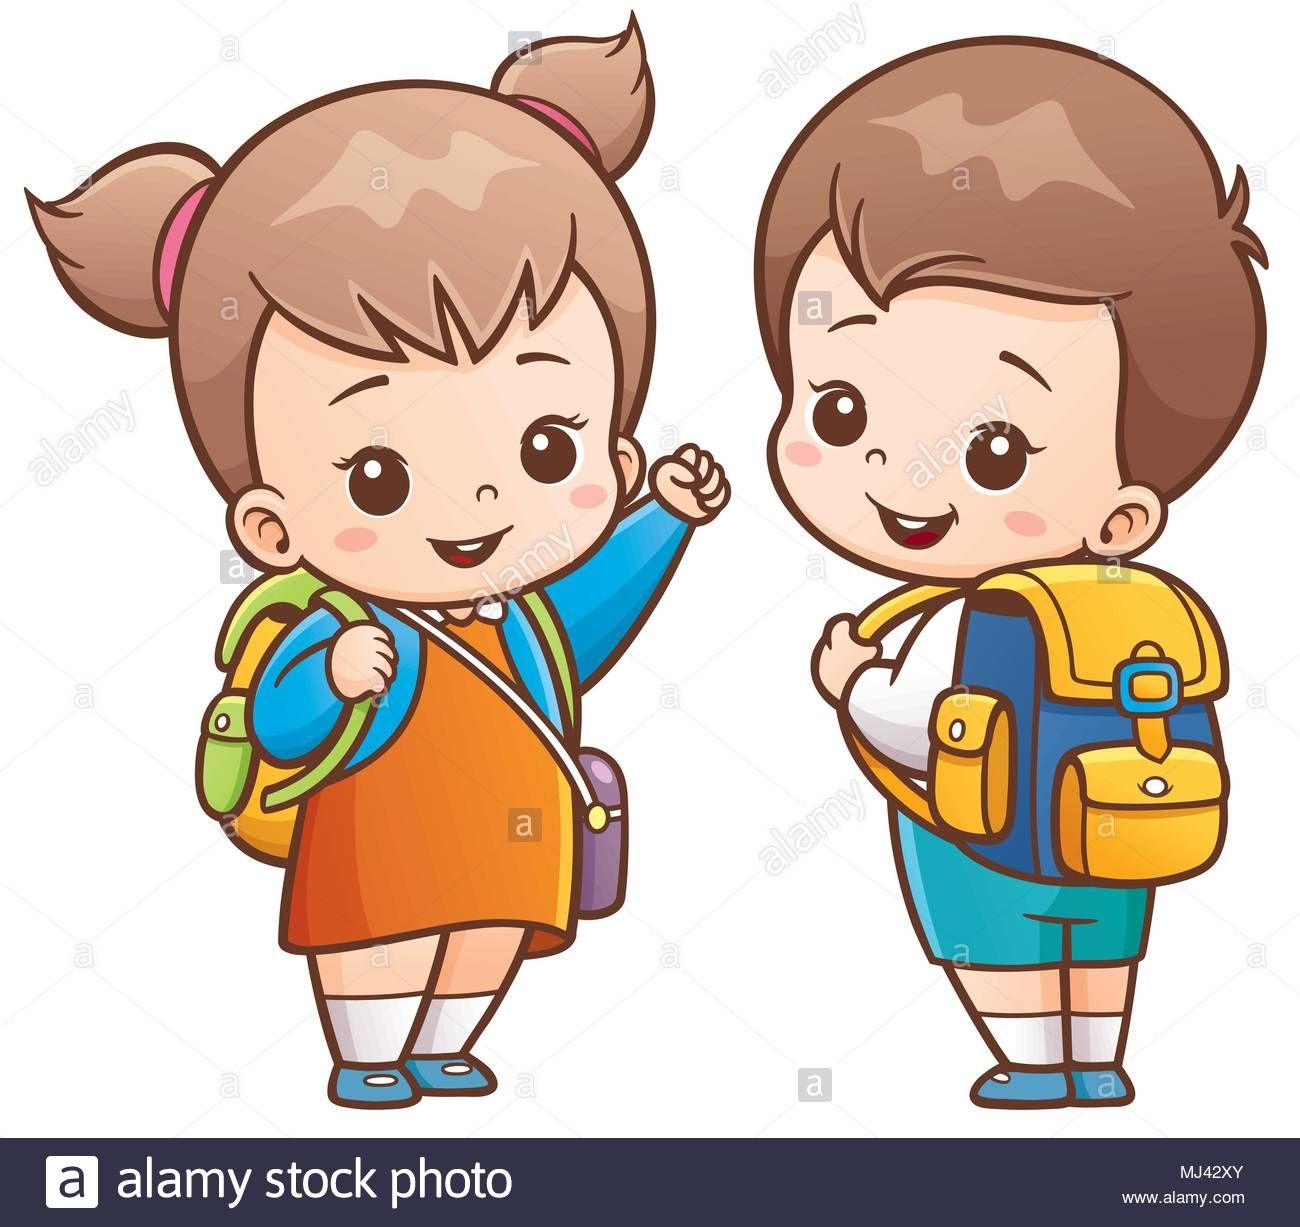 Descargar Este Vector Ilustracion Vectorial De Dibujos Animados Los Ninos Van A La Escuela Mj42x Ninos Y Ninas Animados Ninos En La Escuela Ninos Estudiando